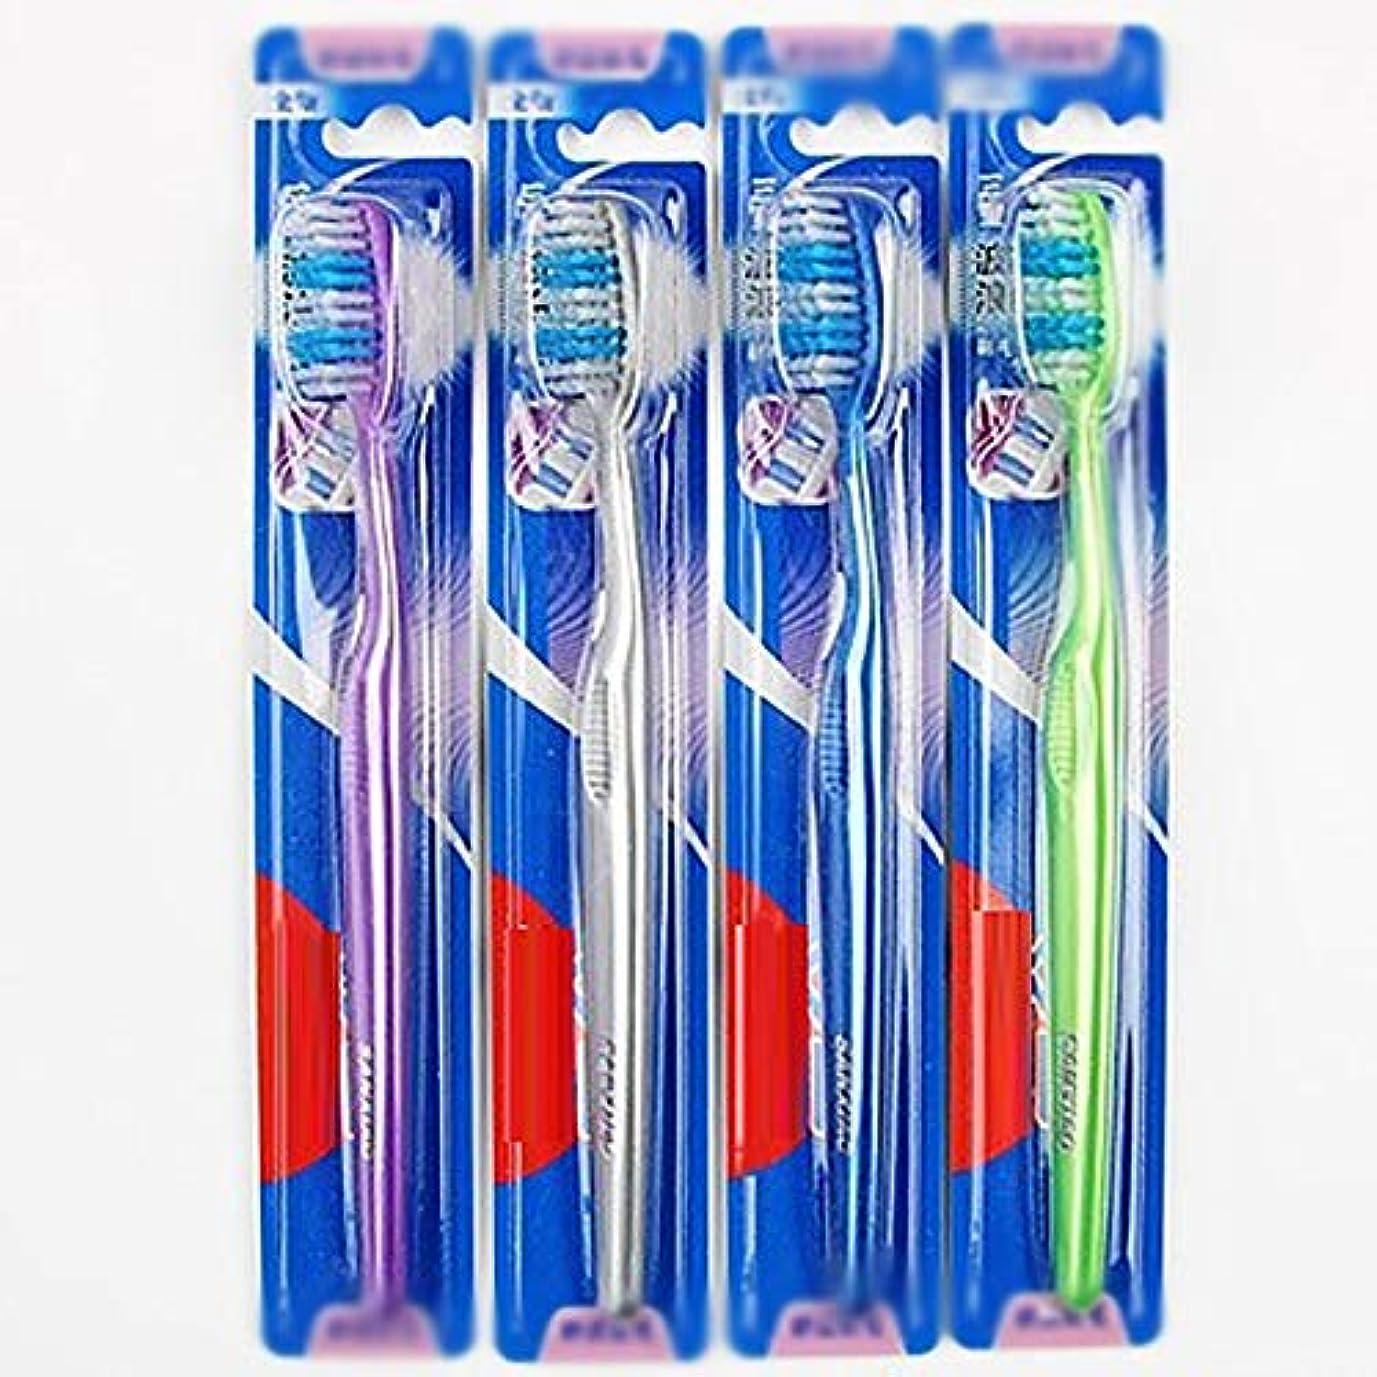 薬剤師避けるオートマトン歯ブラシ 30歯ブラシ、快適な柔らかい歯ブラシ、大人歯ブラシ - 使用可能なスタイルの2種類 KHL (色 : B, サイズ : 30 packs)